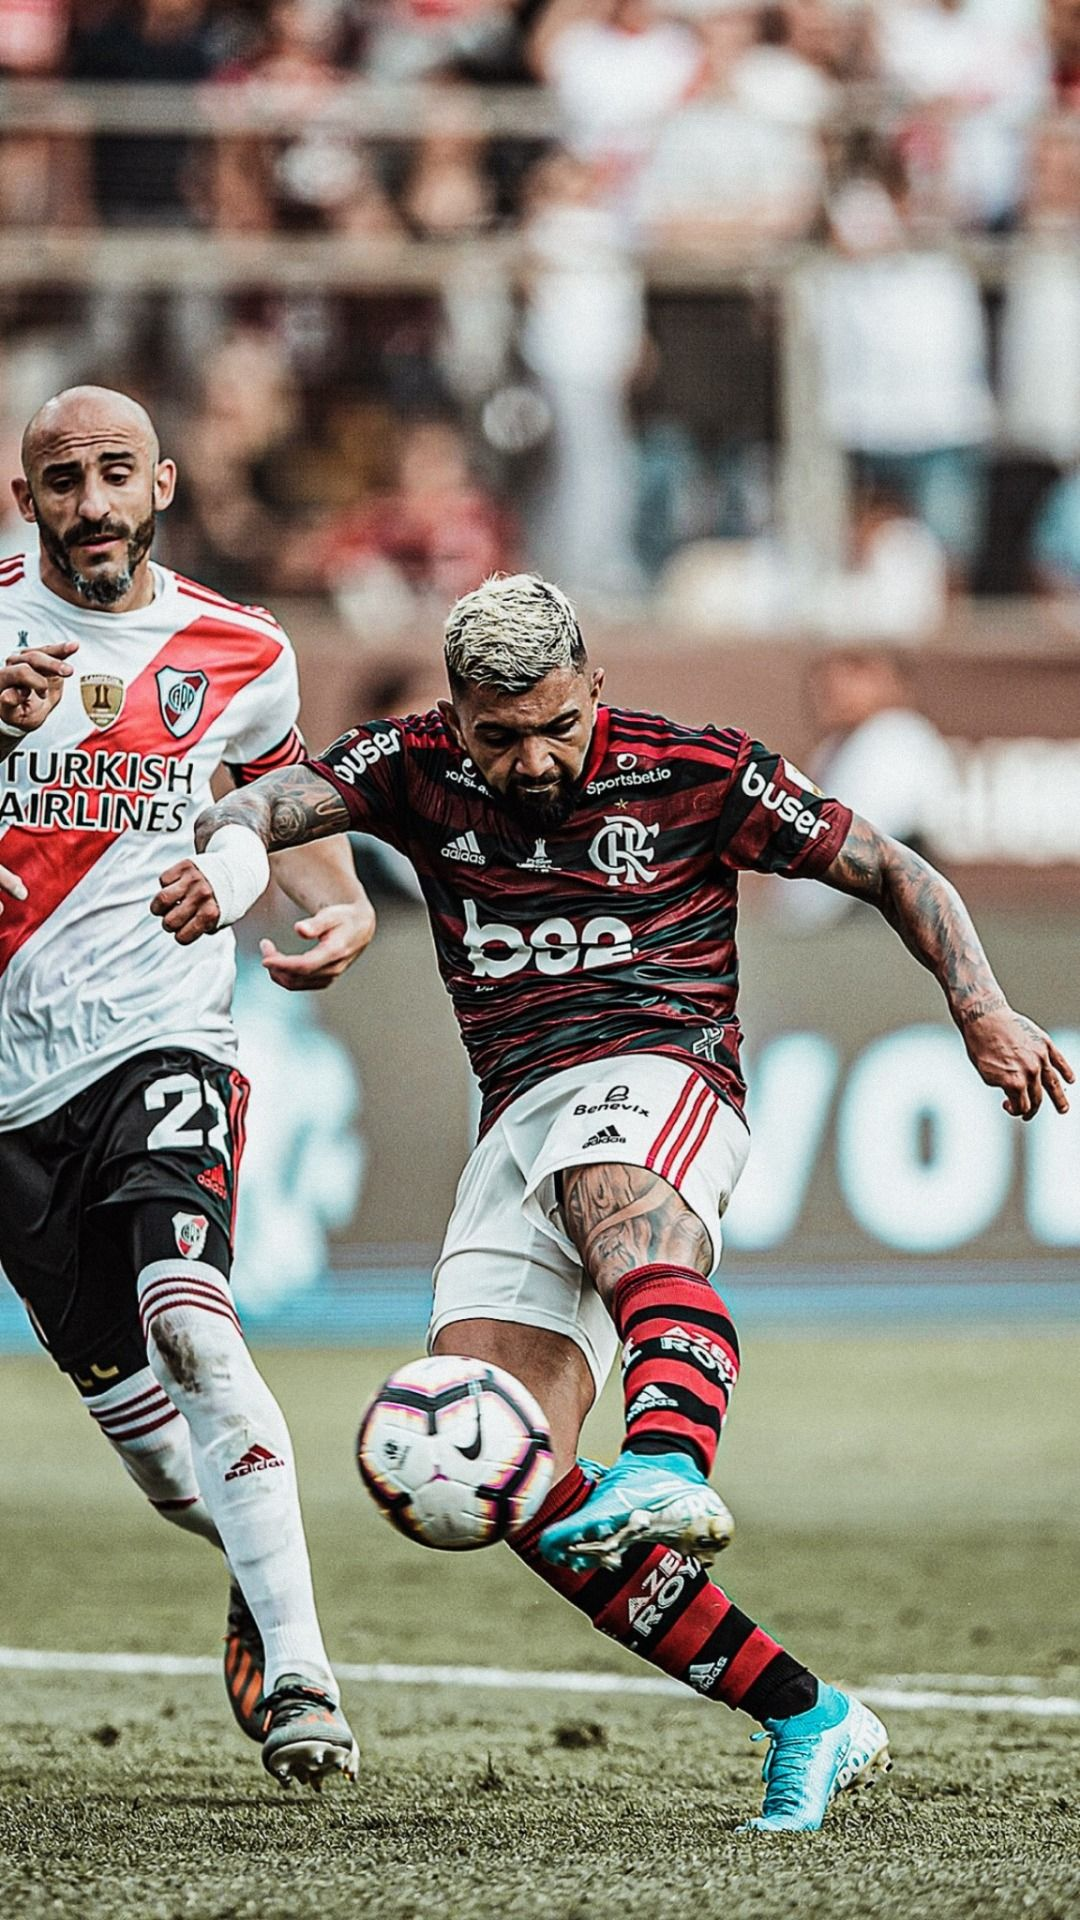 Pin de Ane Gabriele em Flamengo Flamengo